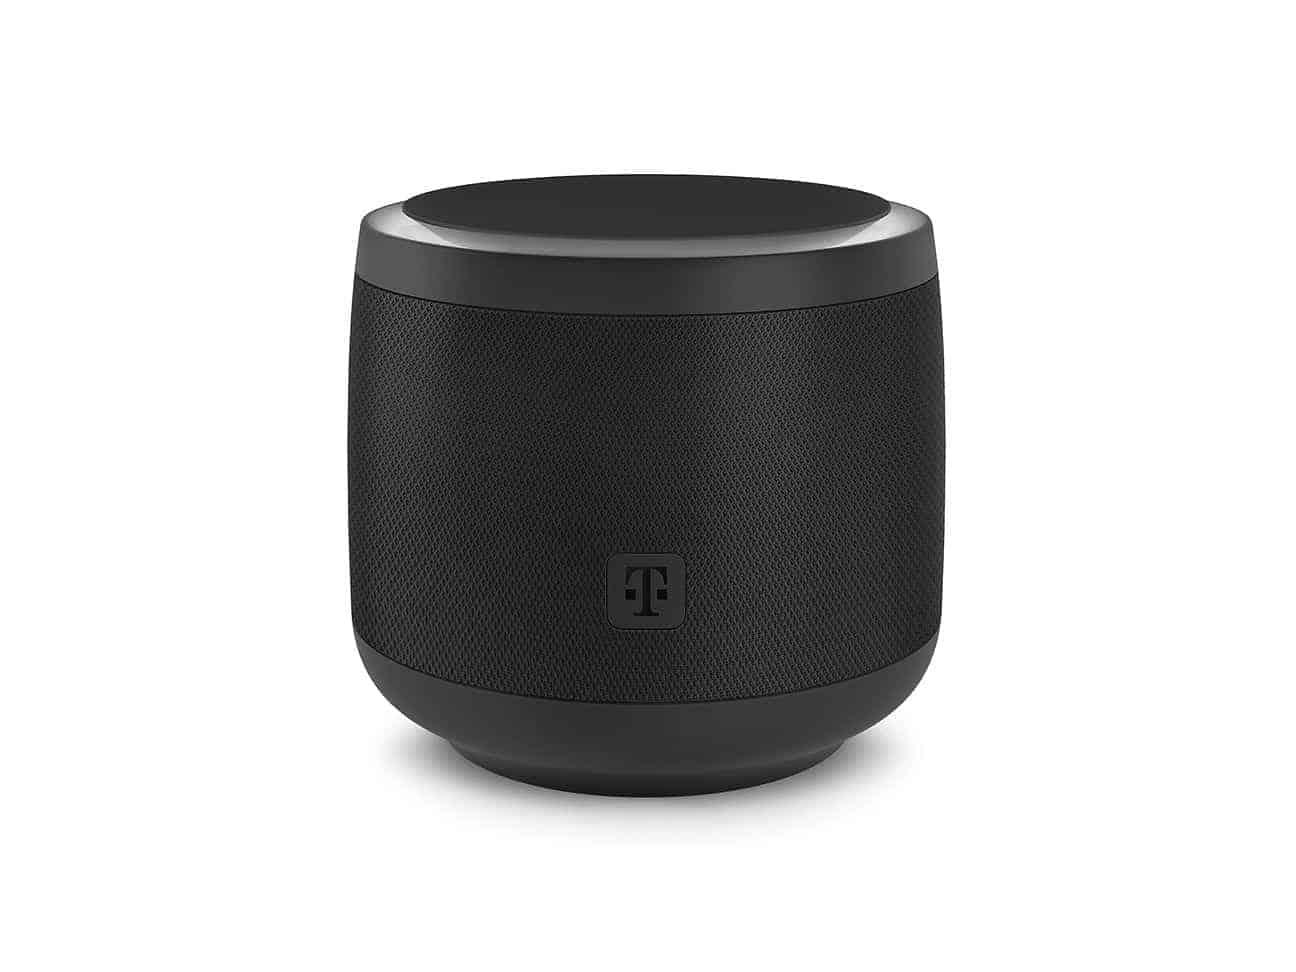 deutsche telekom smart speaker alexa 3